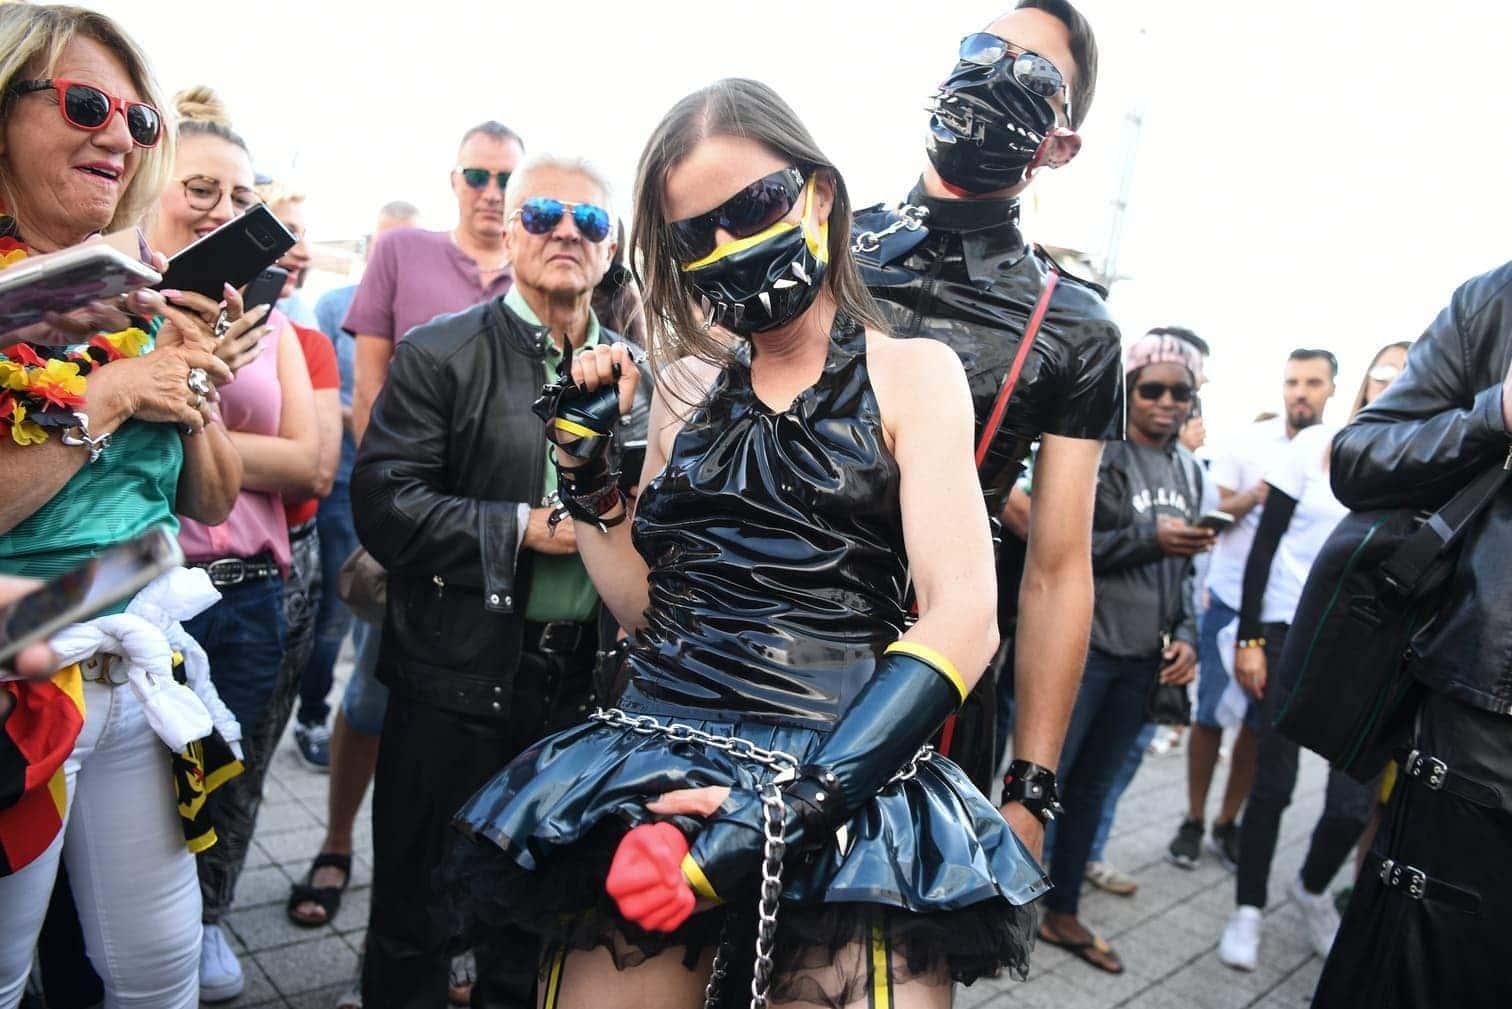 <p>Mit zum Teil skurrilen Outfits zogen die Fetischisten die Blicke auf sich.</p> Foto: dpa